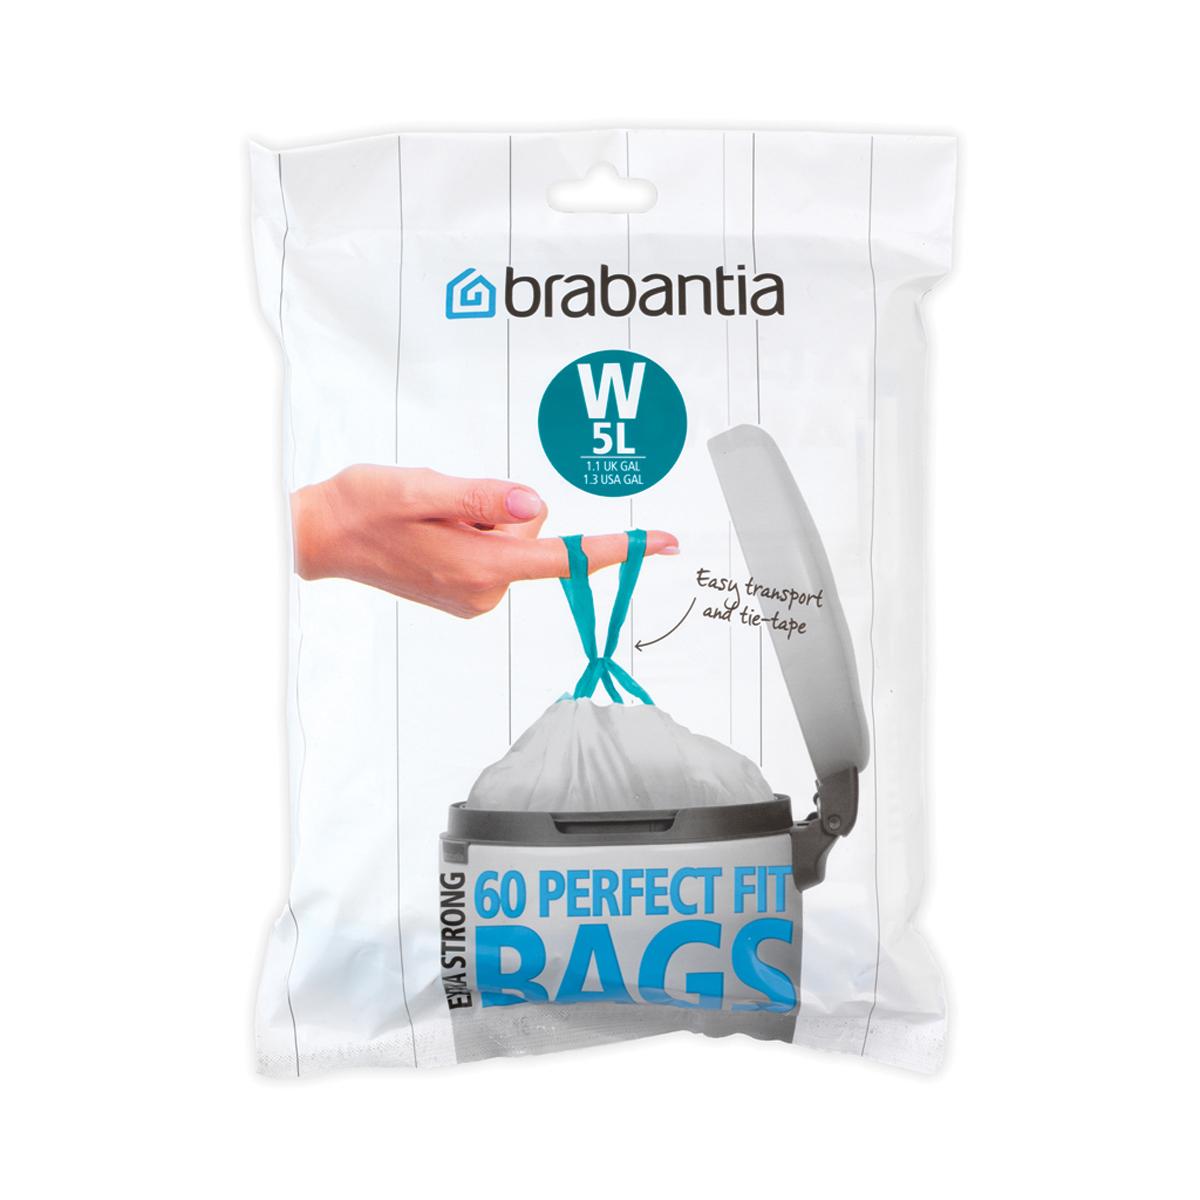 Мешки для мусора Brabantia W, цвет: белый, 5 л, 60 шт116827Удобно и быстро вкладываются и достаются из бака. Эстетичный вид – идеально подходят по размеру к мусорным бакам Brabantia, мешок не выступает наружу. Уникальная цветовая маркировка позволяет выбрать мешки нужного размера. Вентиляционные отверстия для удобства вкладывания в бак. Изготовлены из особо прочного полиэтилена (HDPE). Легко затягиваются и переносятся – специальная лента для стягивания горловины. Упаковка-диспенсер: 60 мешков.